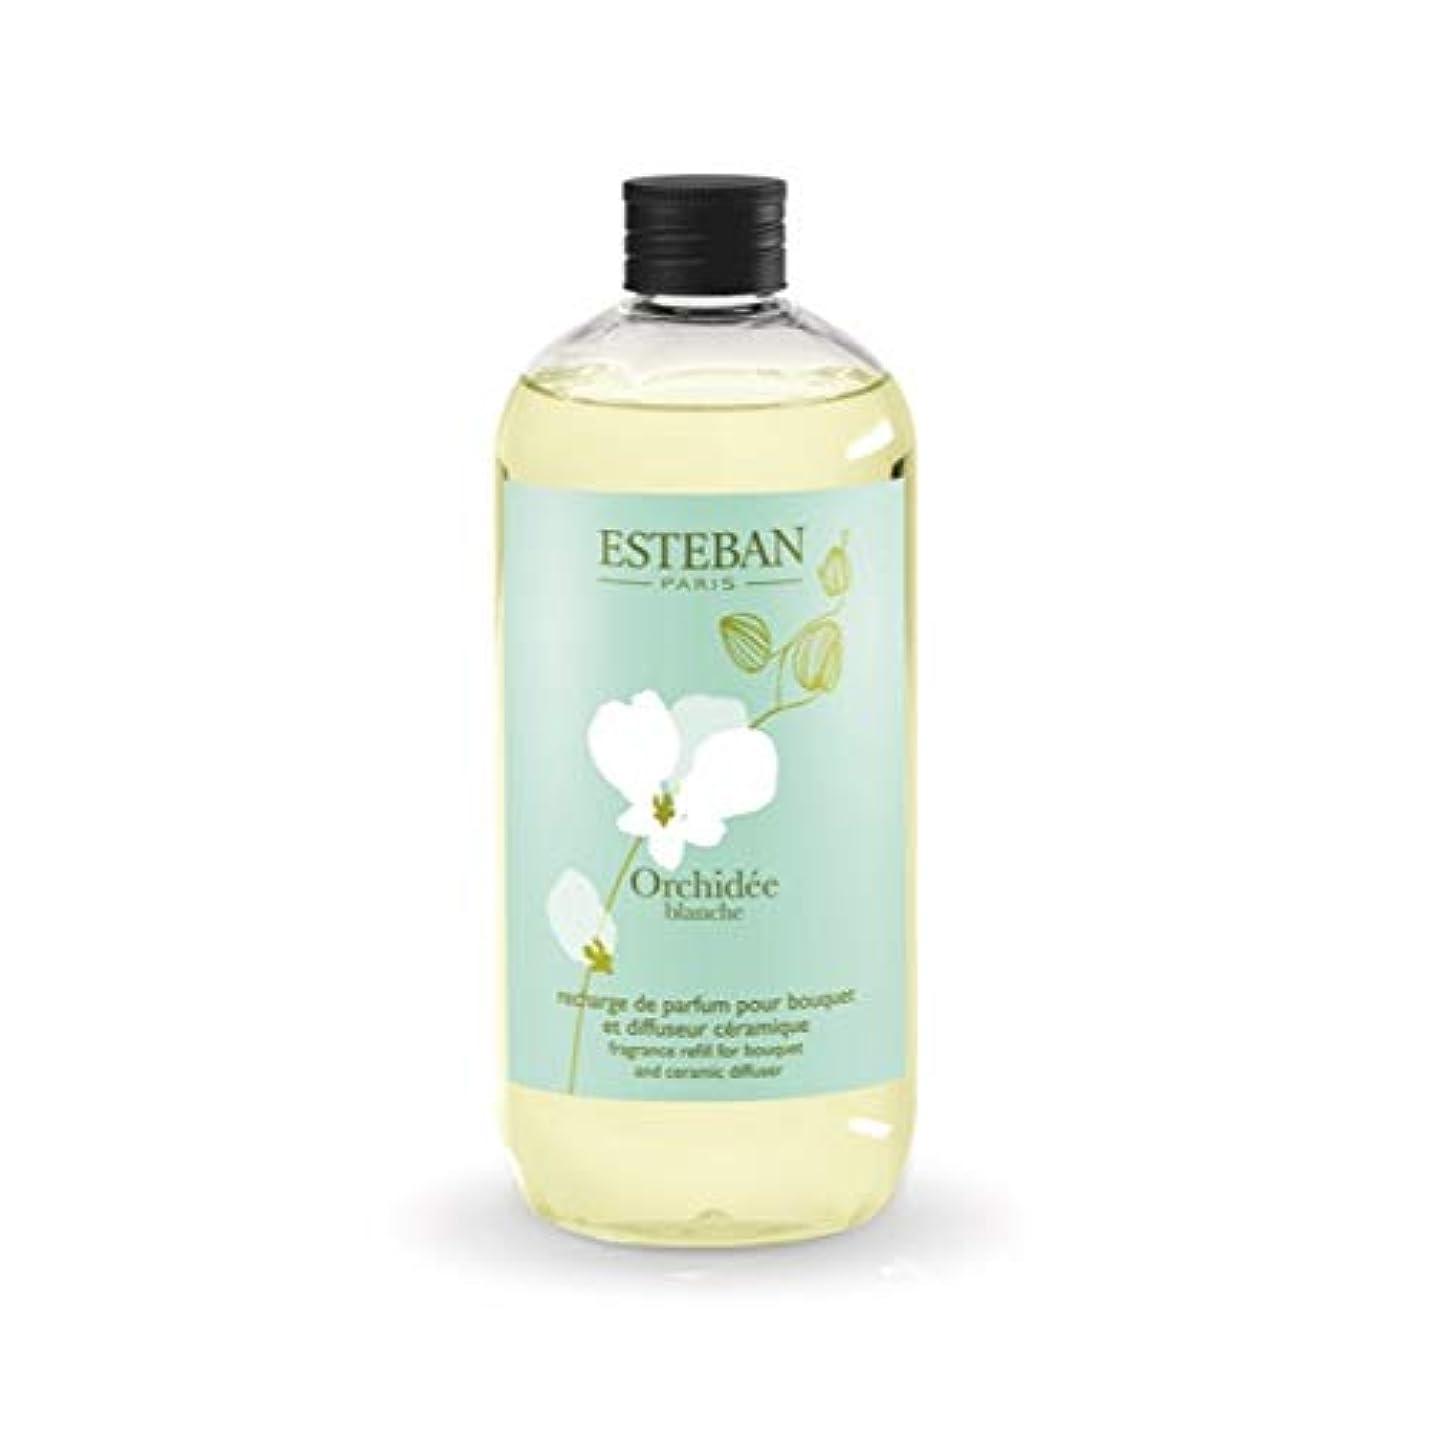 取り消す継承争いESTEBAN Orchidee blanche(オルキデ ブランシュ) フレグランスリフィル500ml